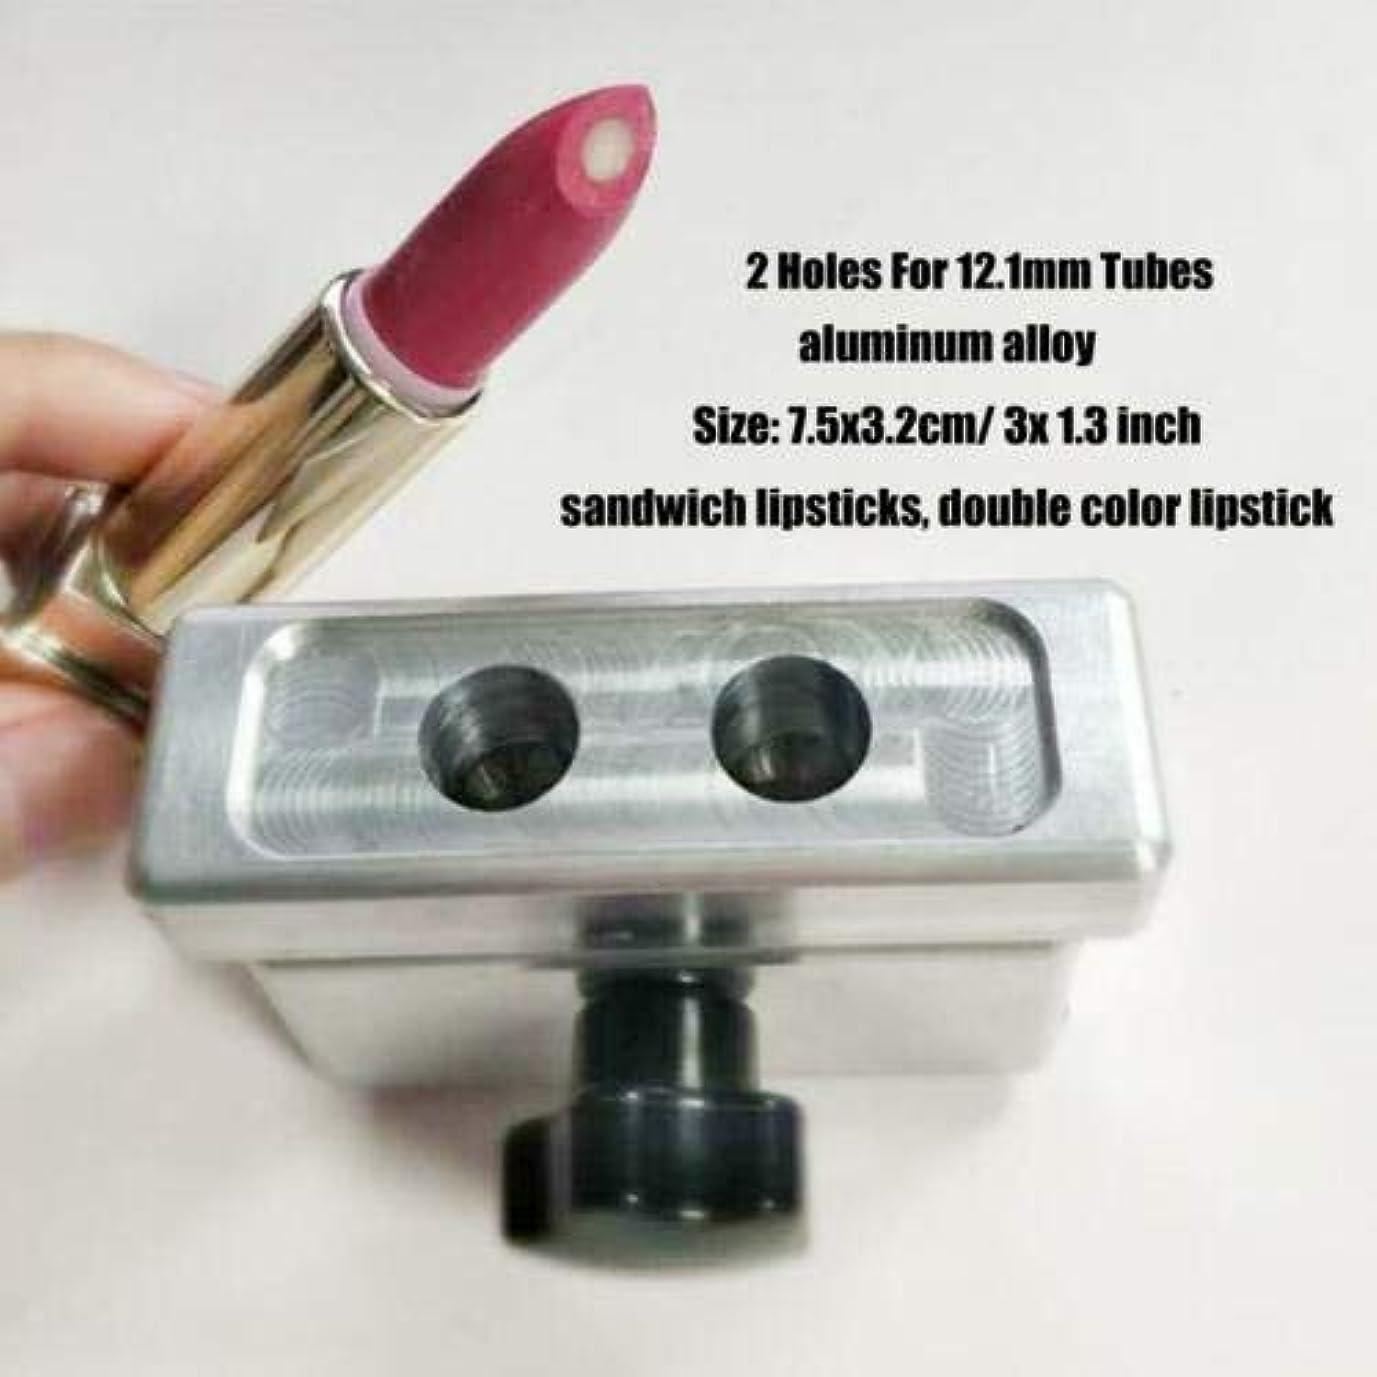 くさび潜在的なさわやかFidgetGear DIY口紅型リップスティック型メーカー2 4 6穴用9 mm 11.1 mm 12.1 mmチューブ #5(2穴12.1mm)